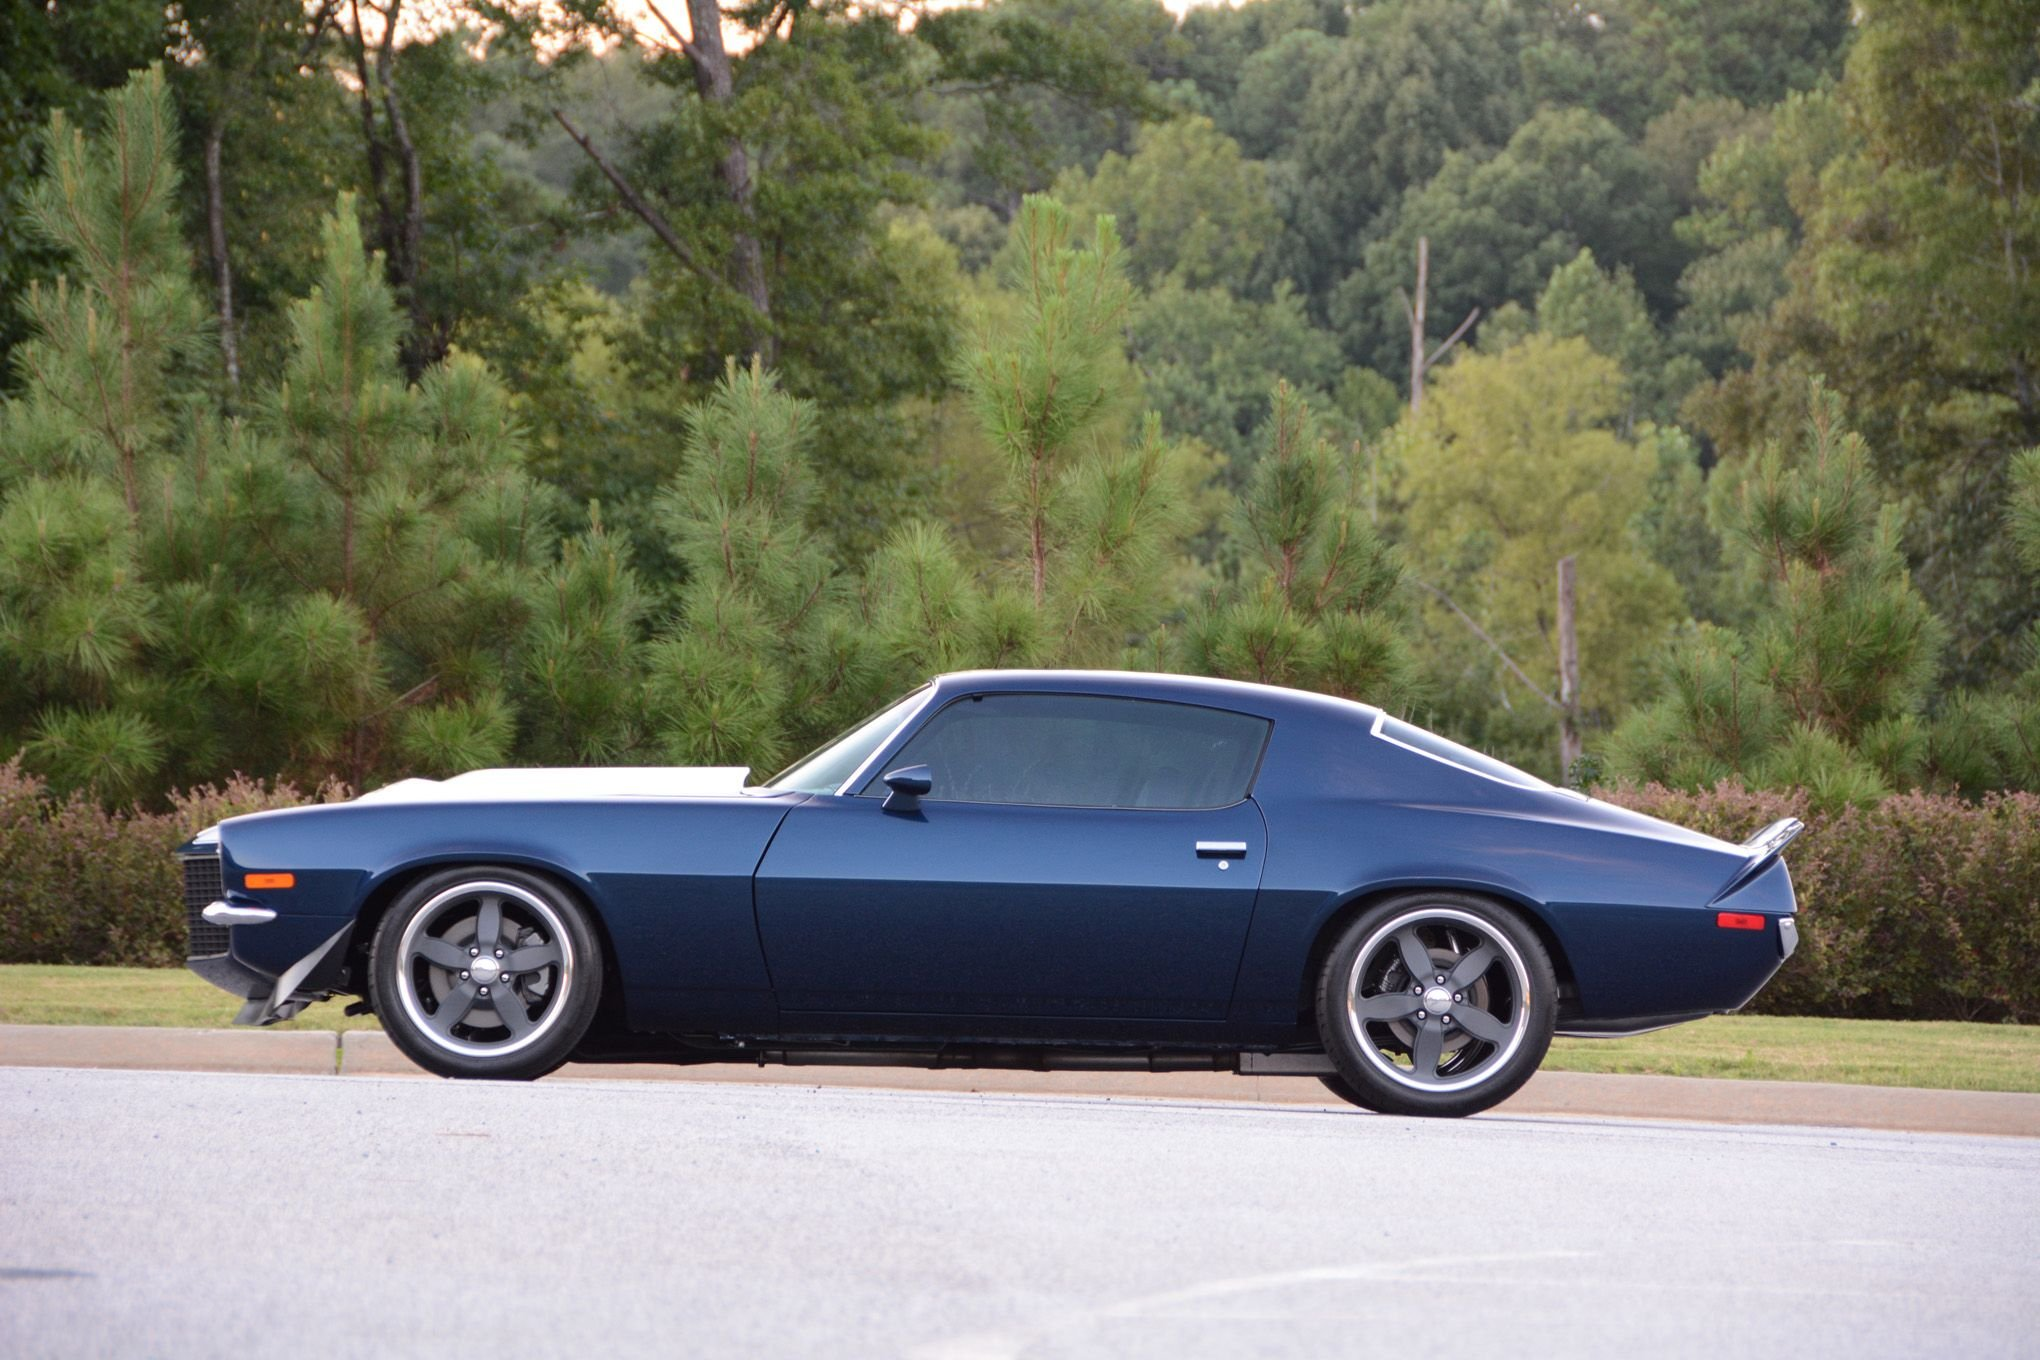 1971 Chevrolet Camaro SS-07 wallpaper